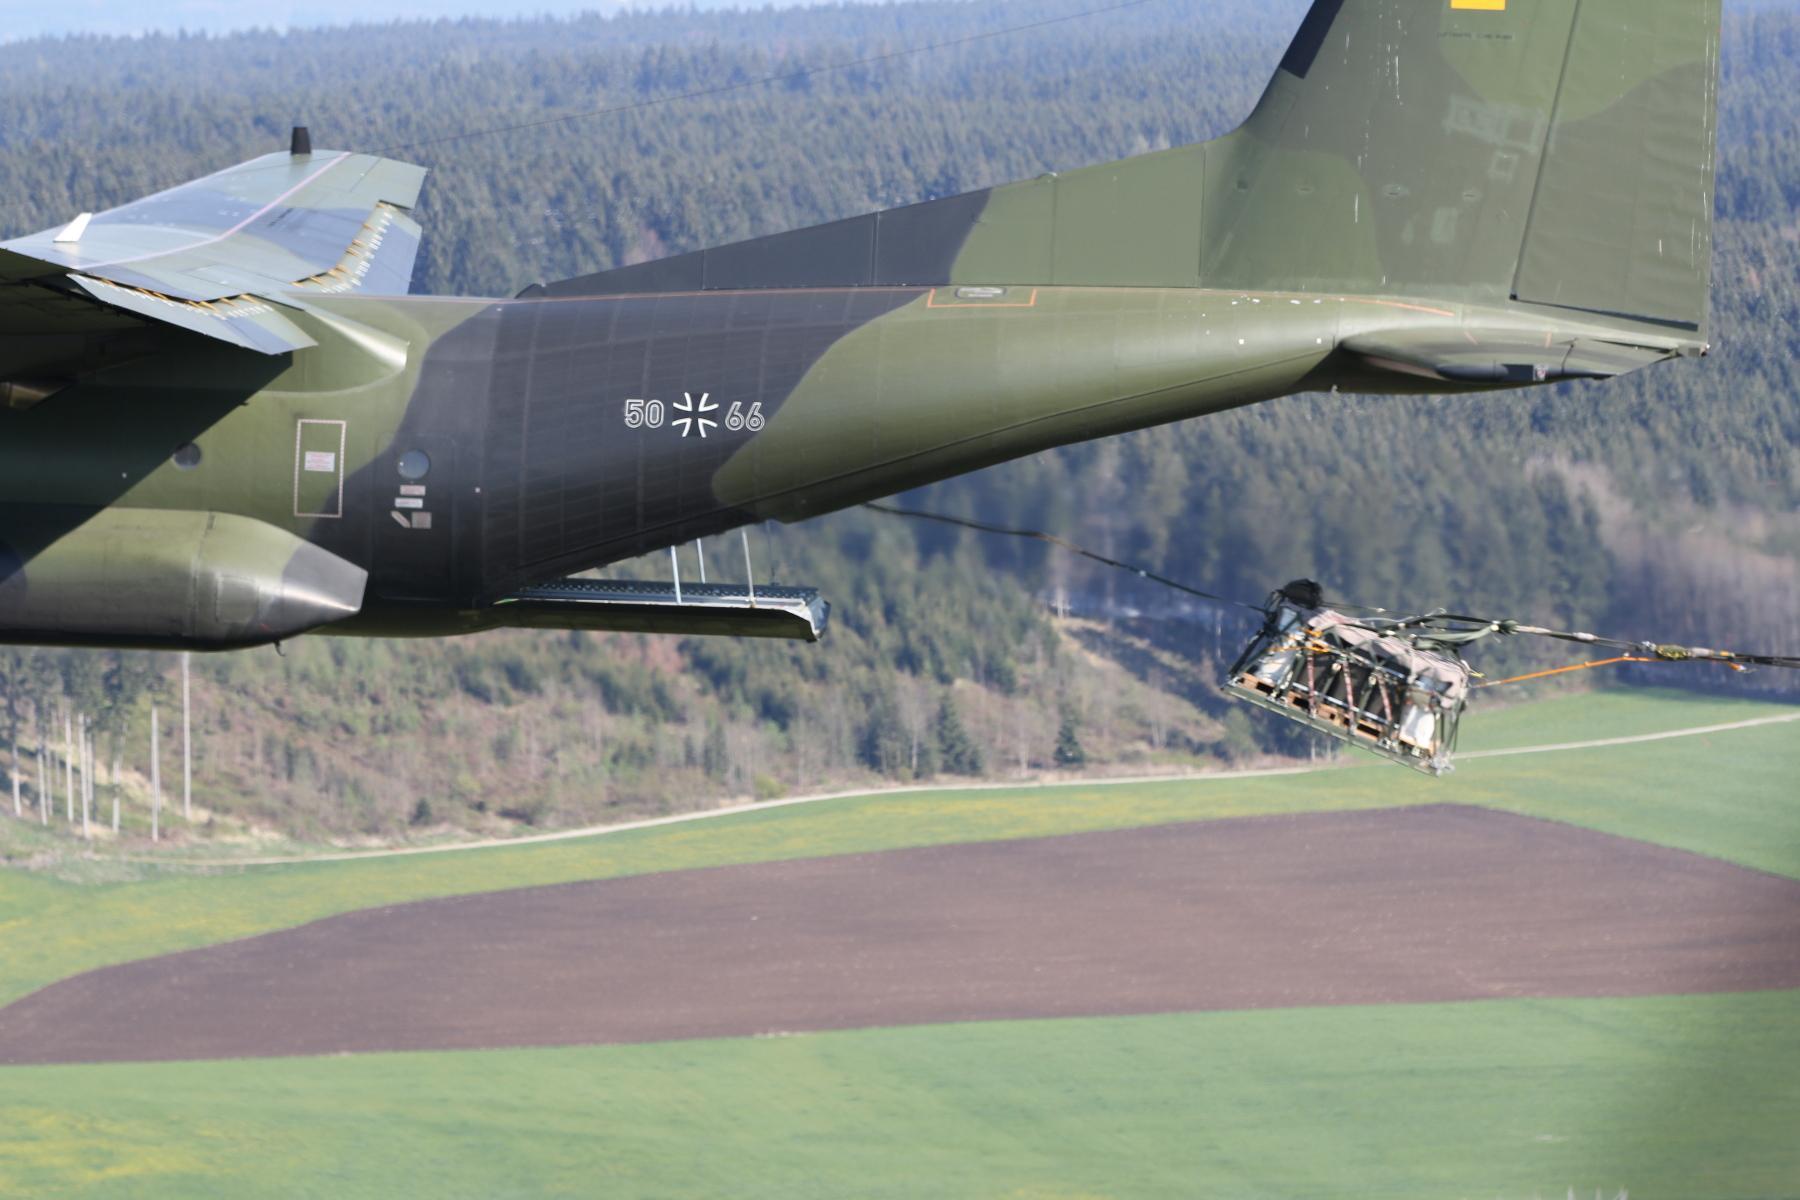 Die Last im freien Fall, Sekundenbruchteile nachdem sie den Ladungsraum der Transall verlassen hat. (Quelle: Luftwaffe/Uwe Lenke)